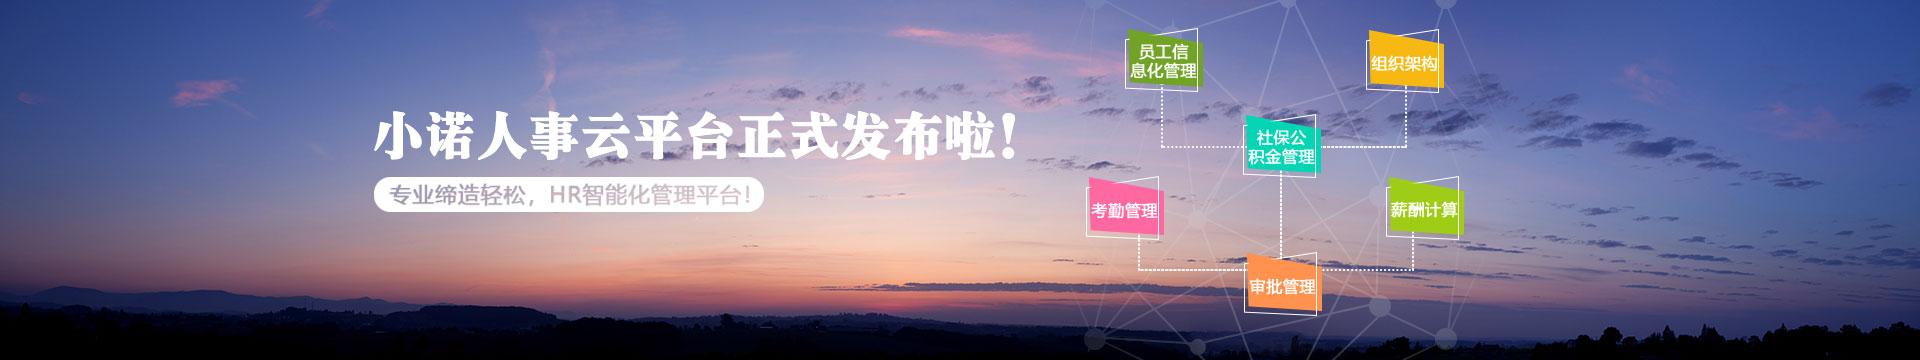 小诺人事云平台正式发布